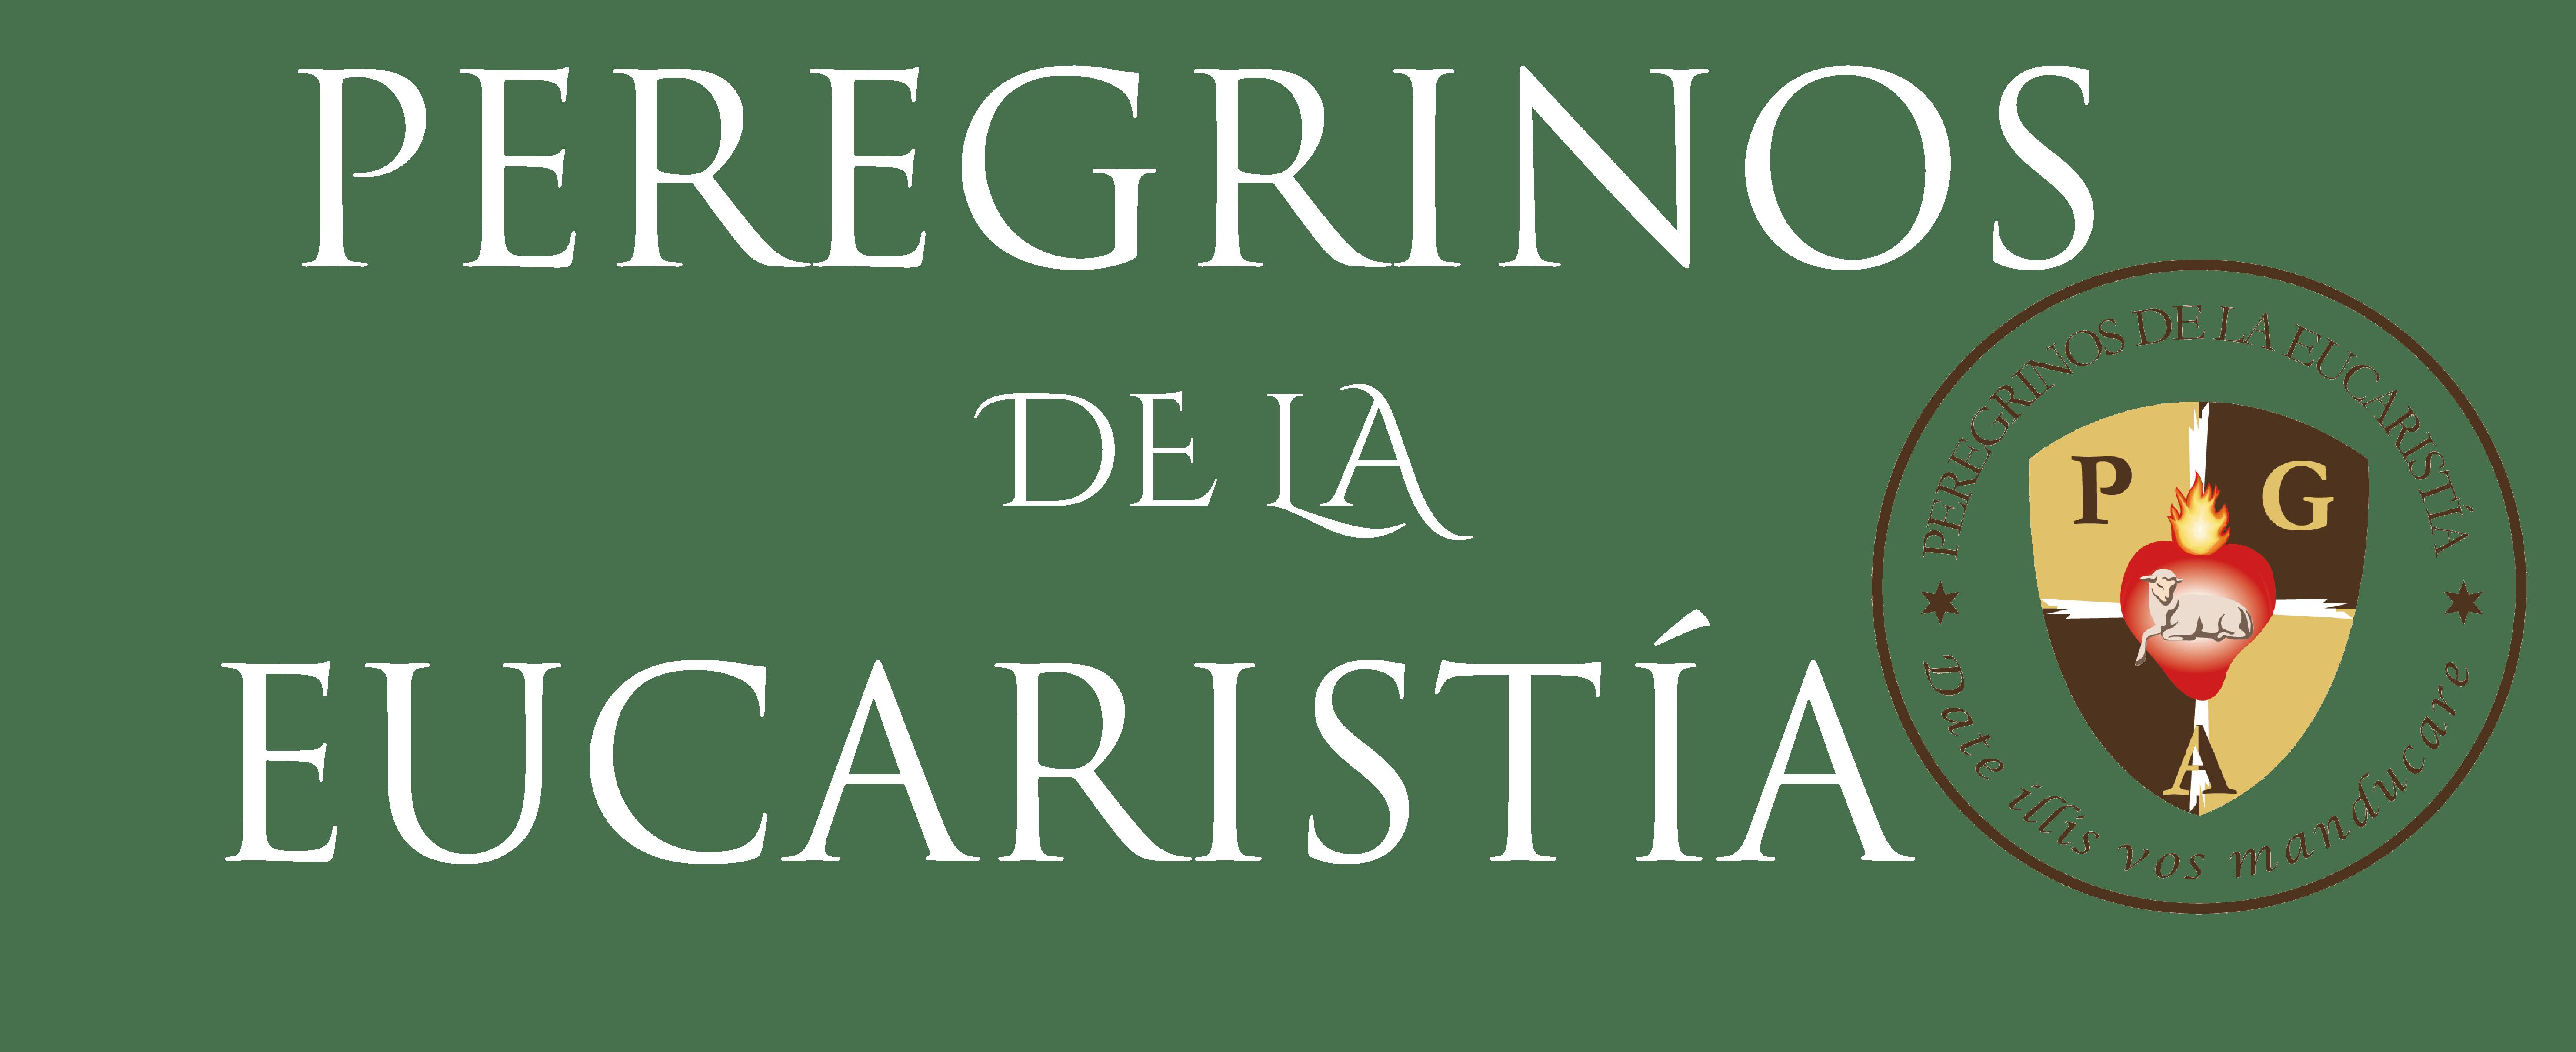 Peregrinos de la Eucaristía